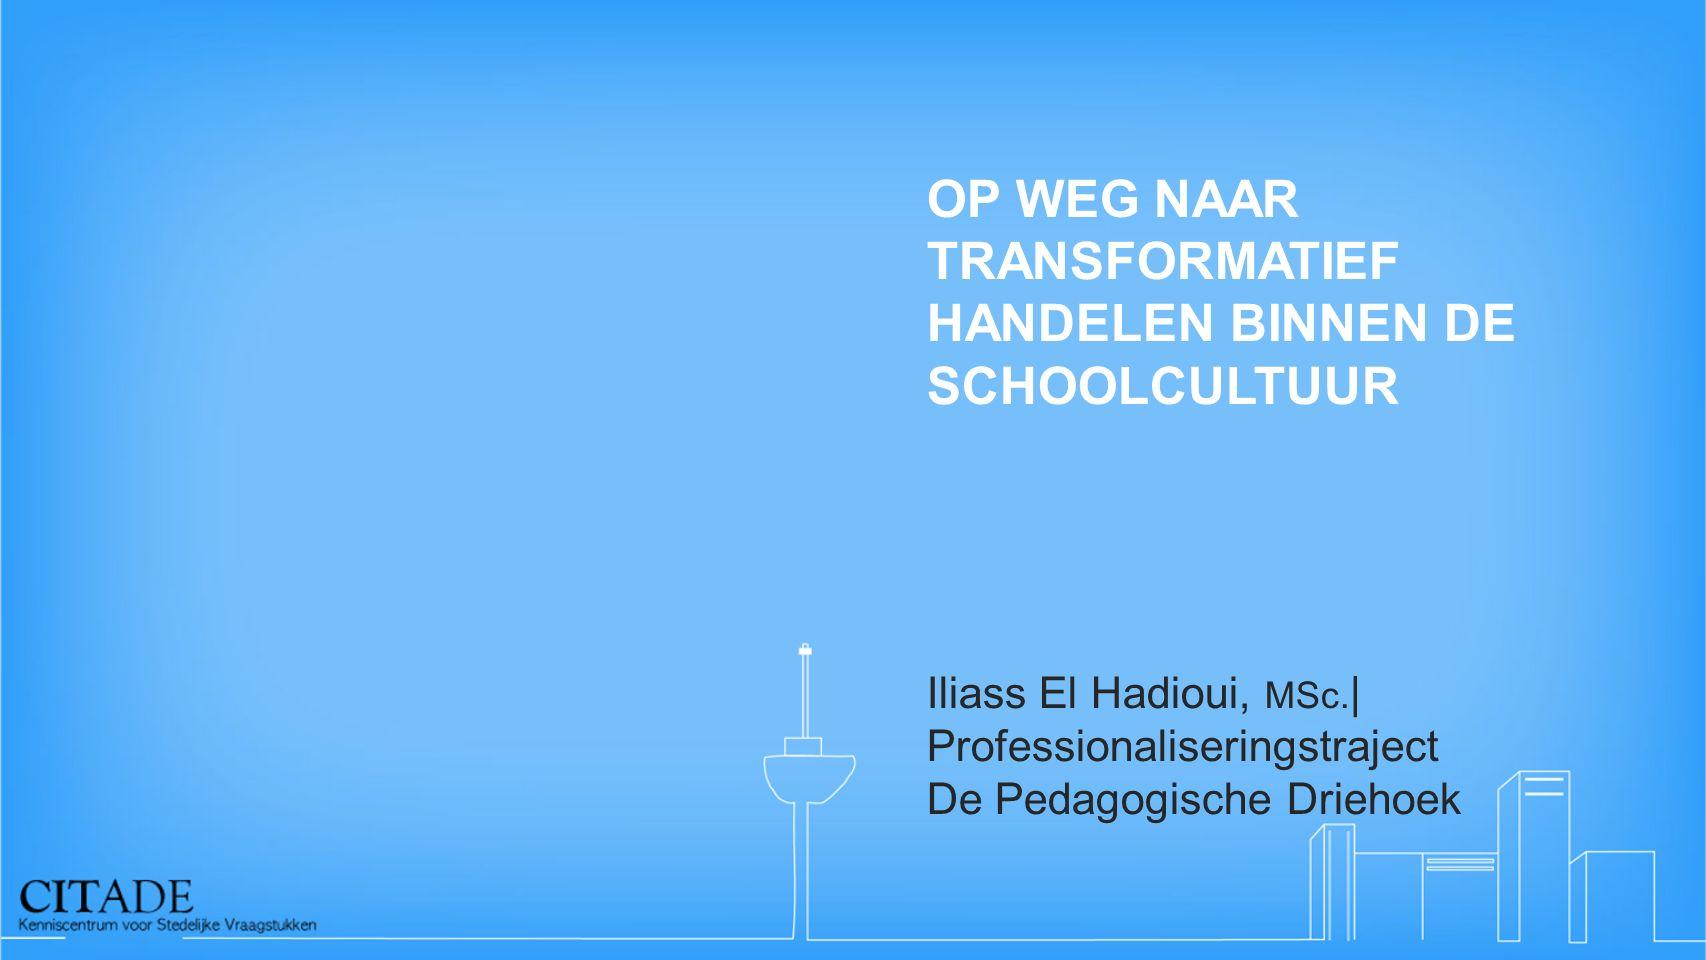 OP WEG NAAR TRANSFORMATIEF HANDELEN BINNEN DE SCHOOLCULTUUR Iliass El Hadioui, MSc. | Professionaliseringstraject De Pedagogische Driehoek